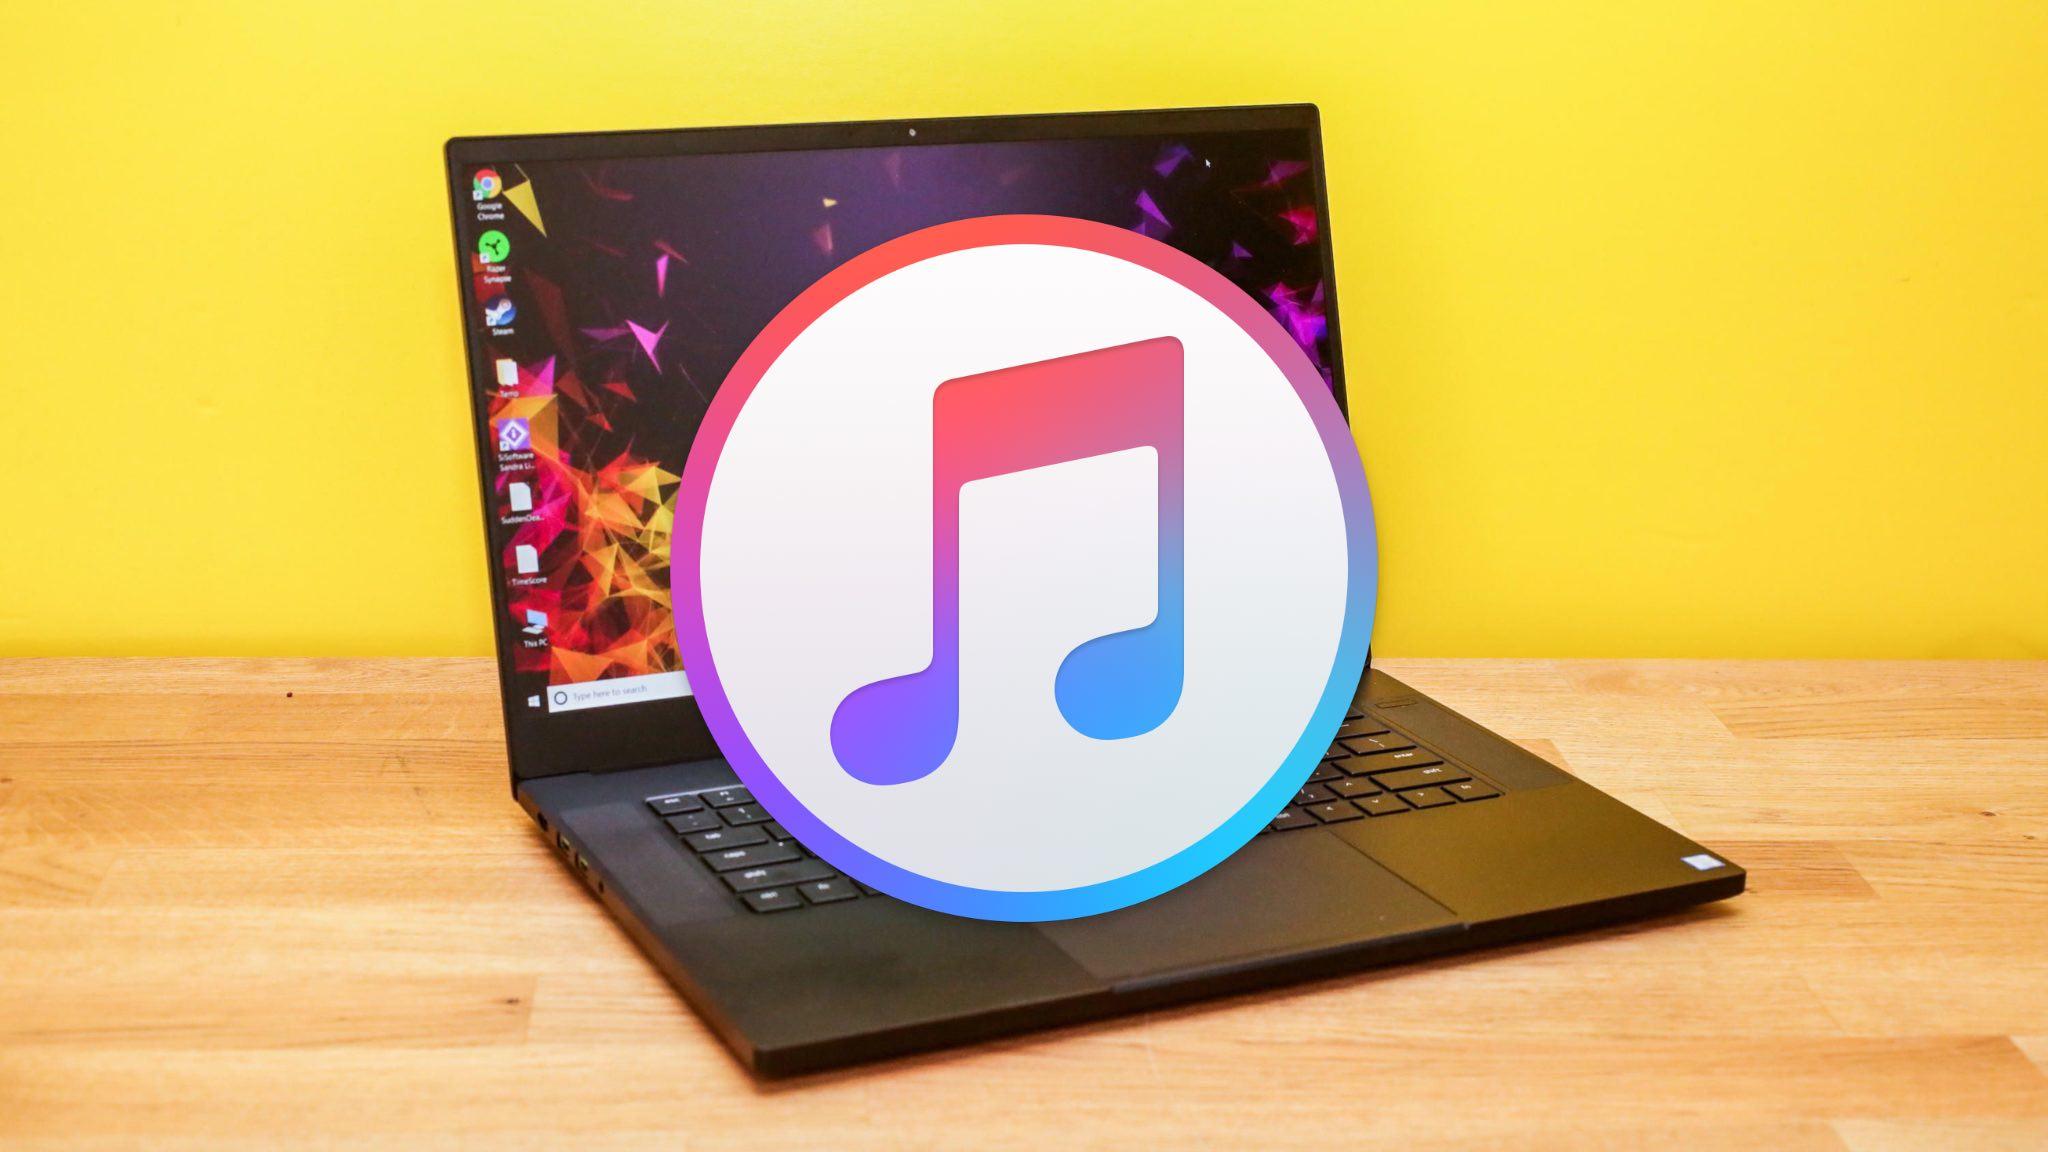 Хакеры взламывали компьютеры на Windows через iTunes, но Apple всё исправила